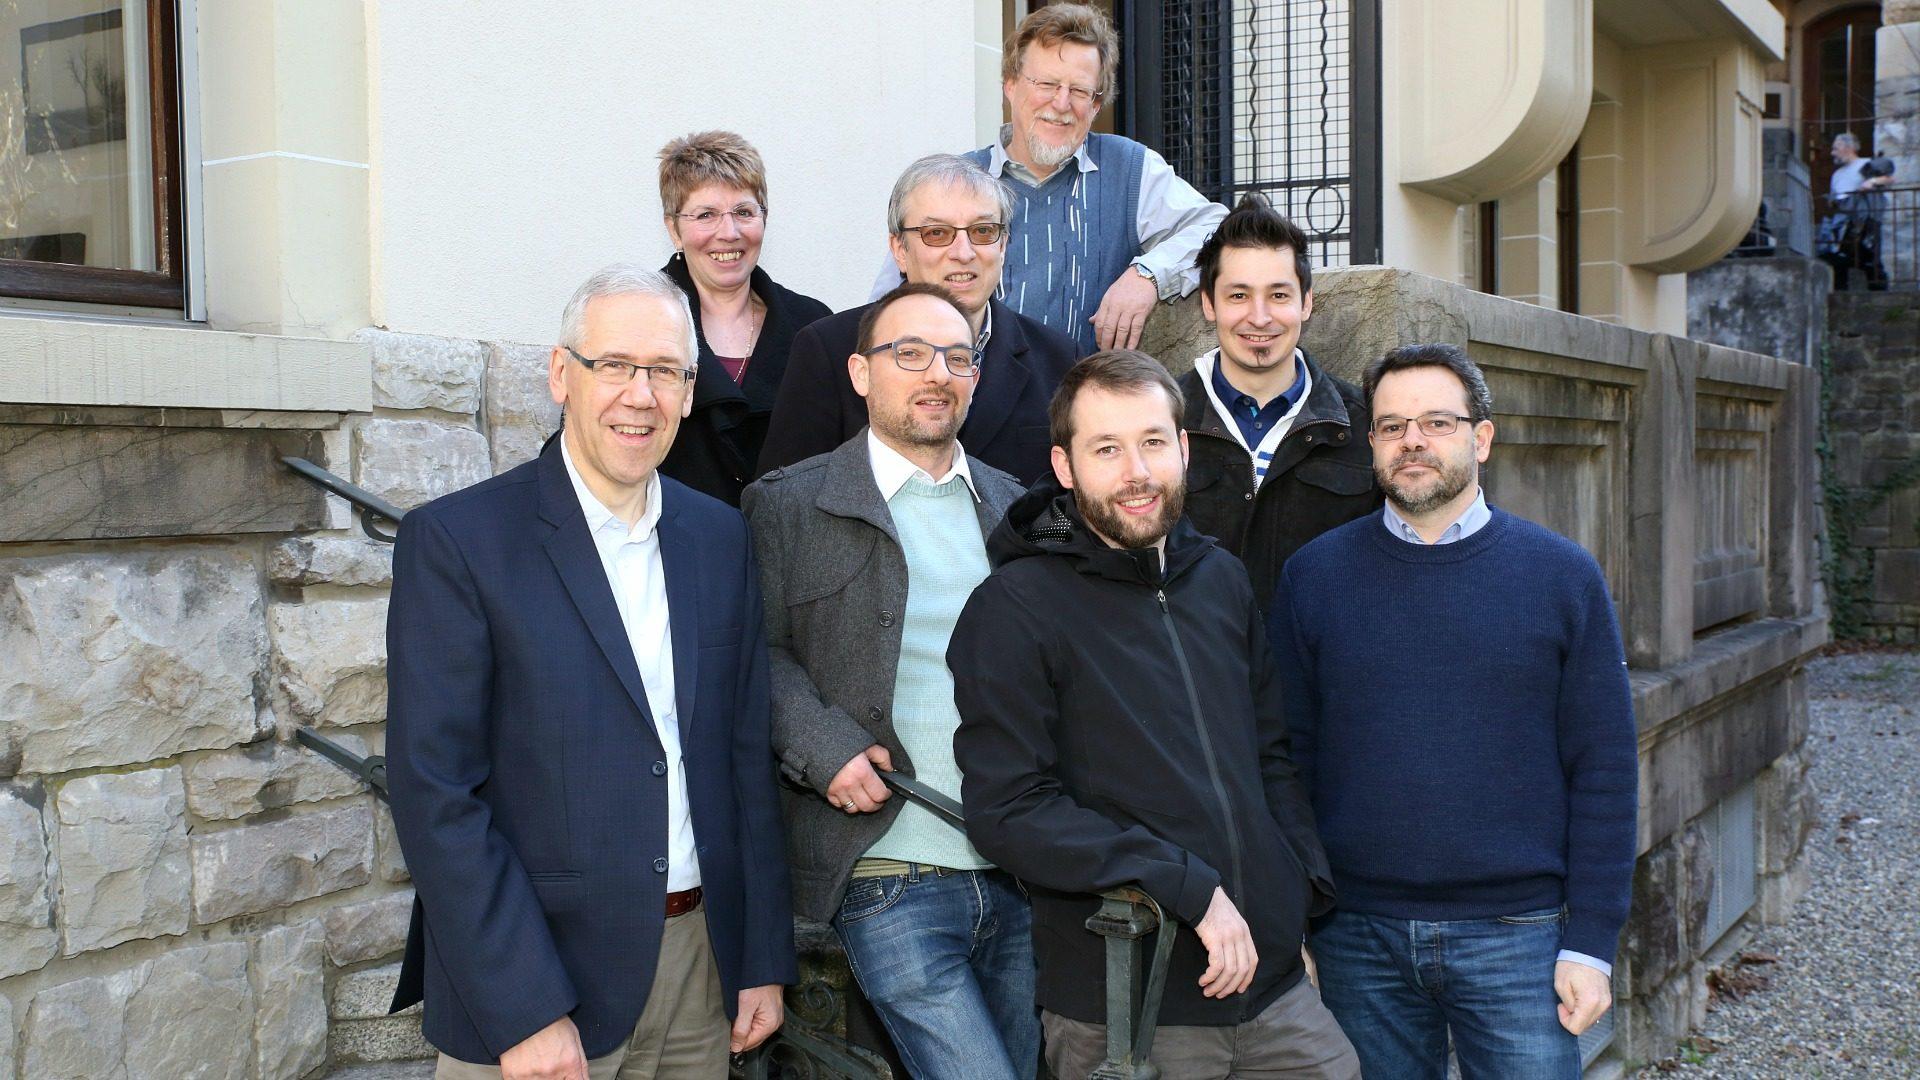 L'équipe de cath.ch. (de g. à dr. et de bas en haut): B. Litzler, R. Zbinden, P. Pistoletti, B. Hallet, C. Métrailler, M. Page, G. Roth et J. Berset. (Photo: B. Hallet)